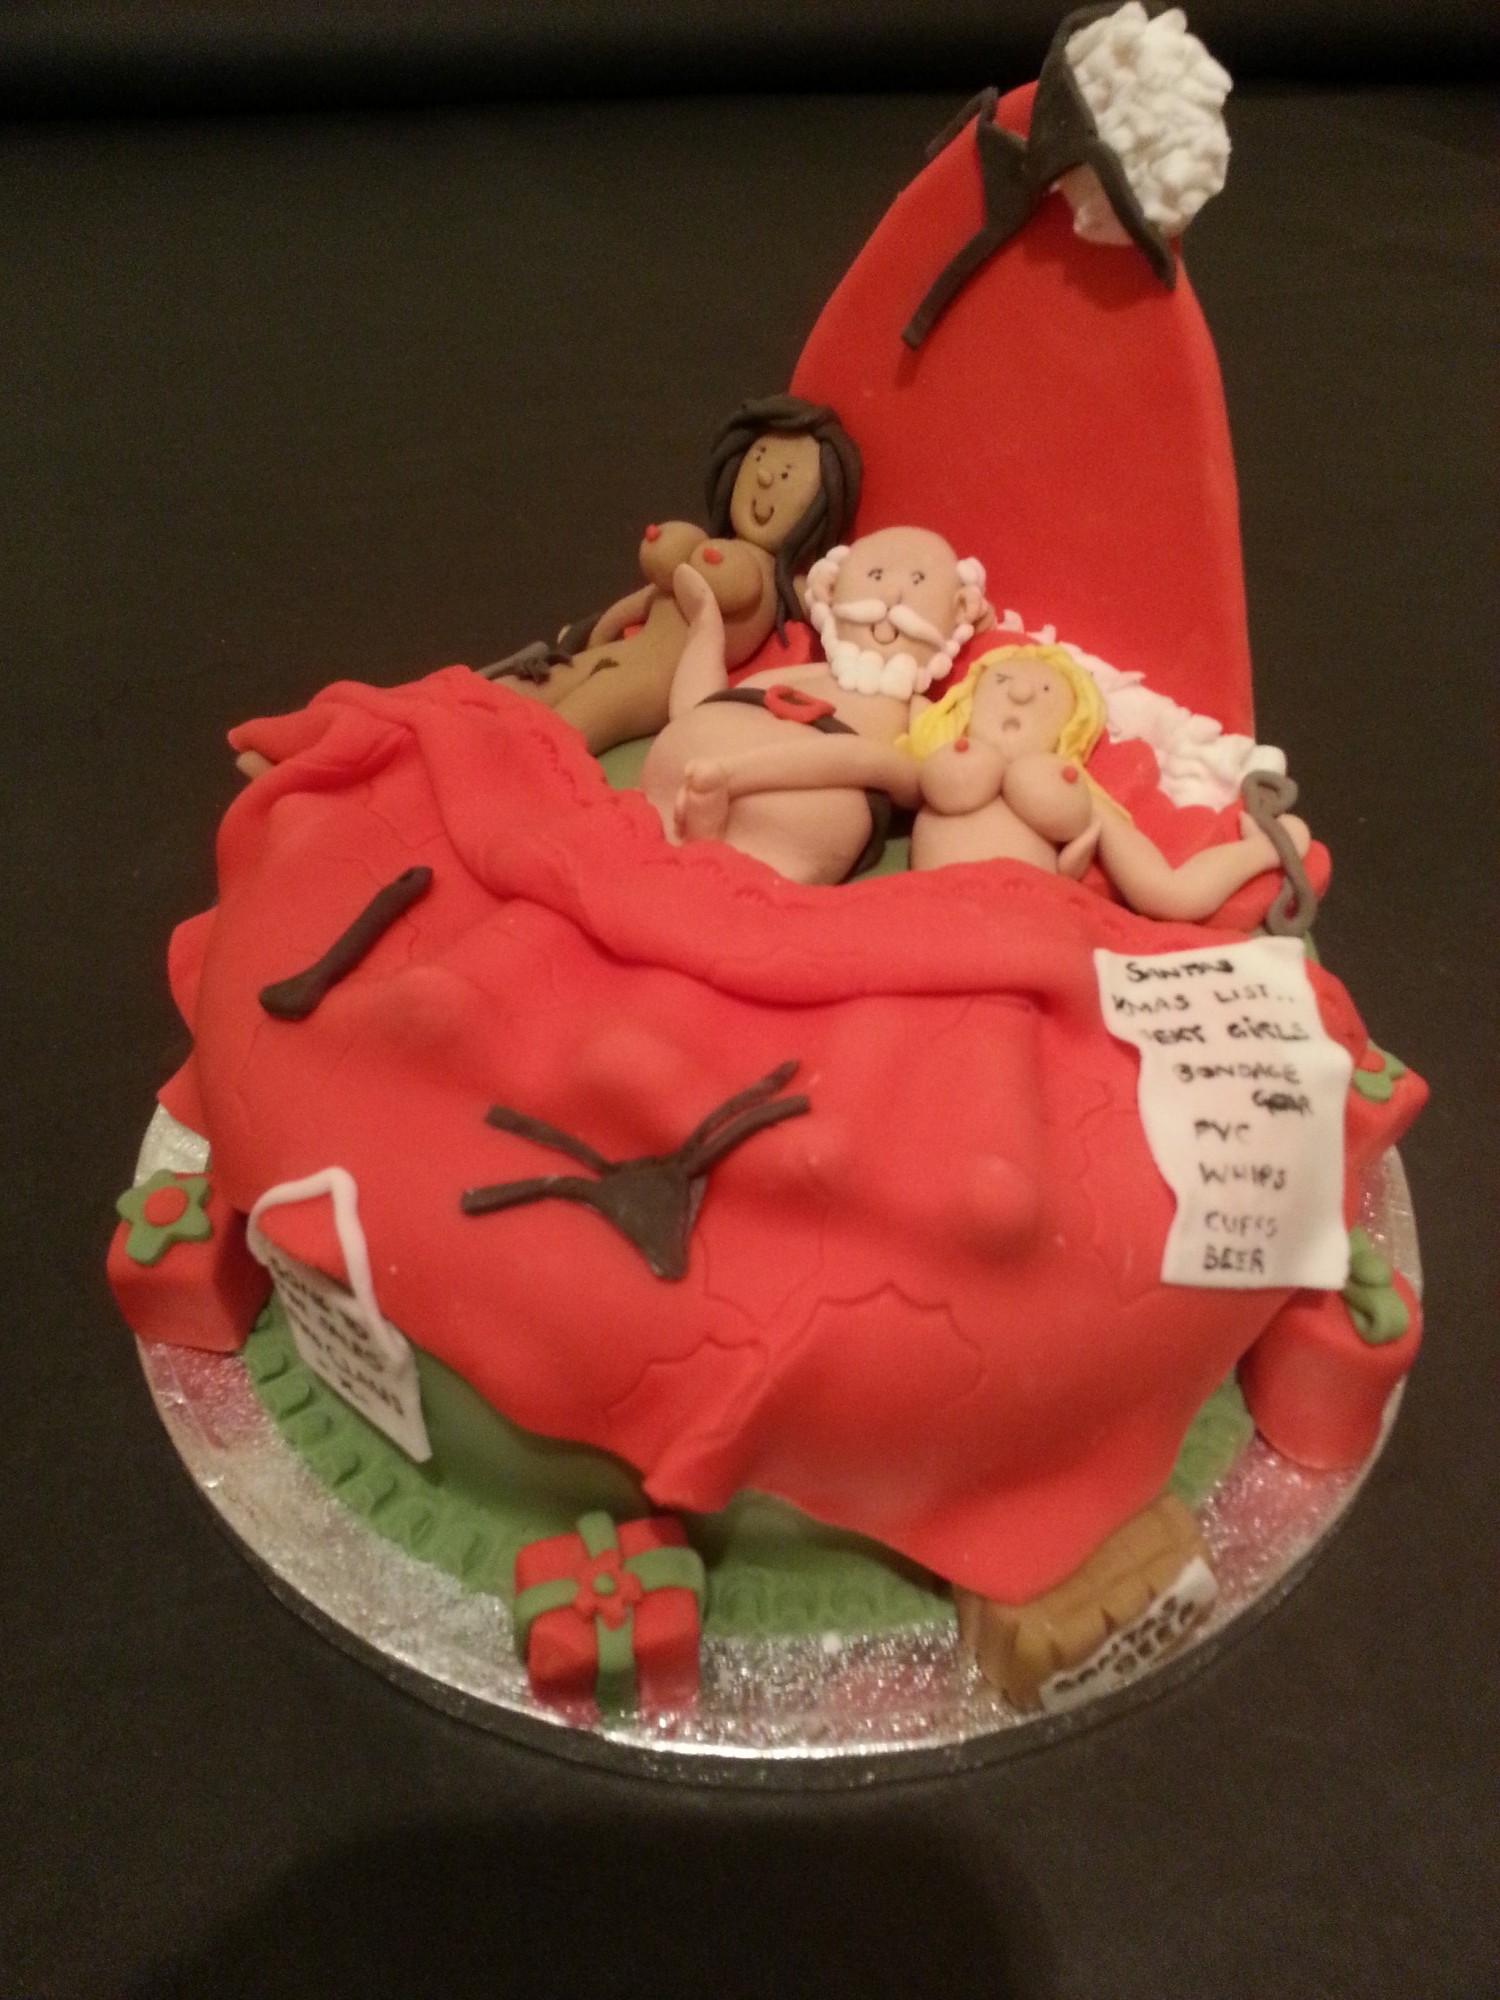 Erotic Birthday Cakes